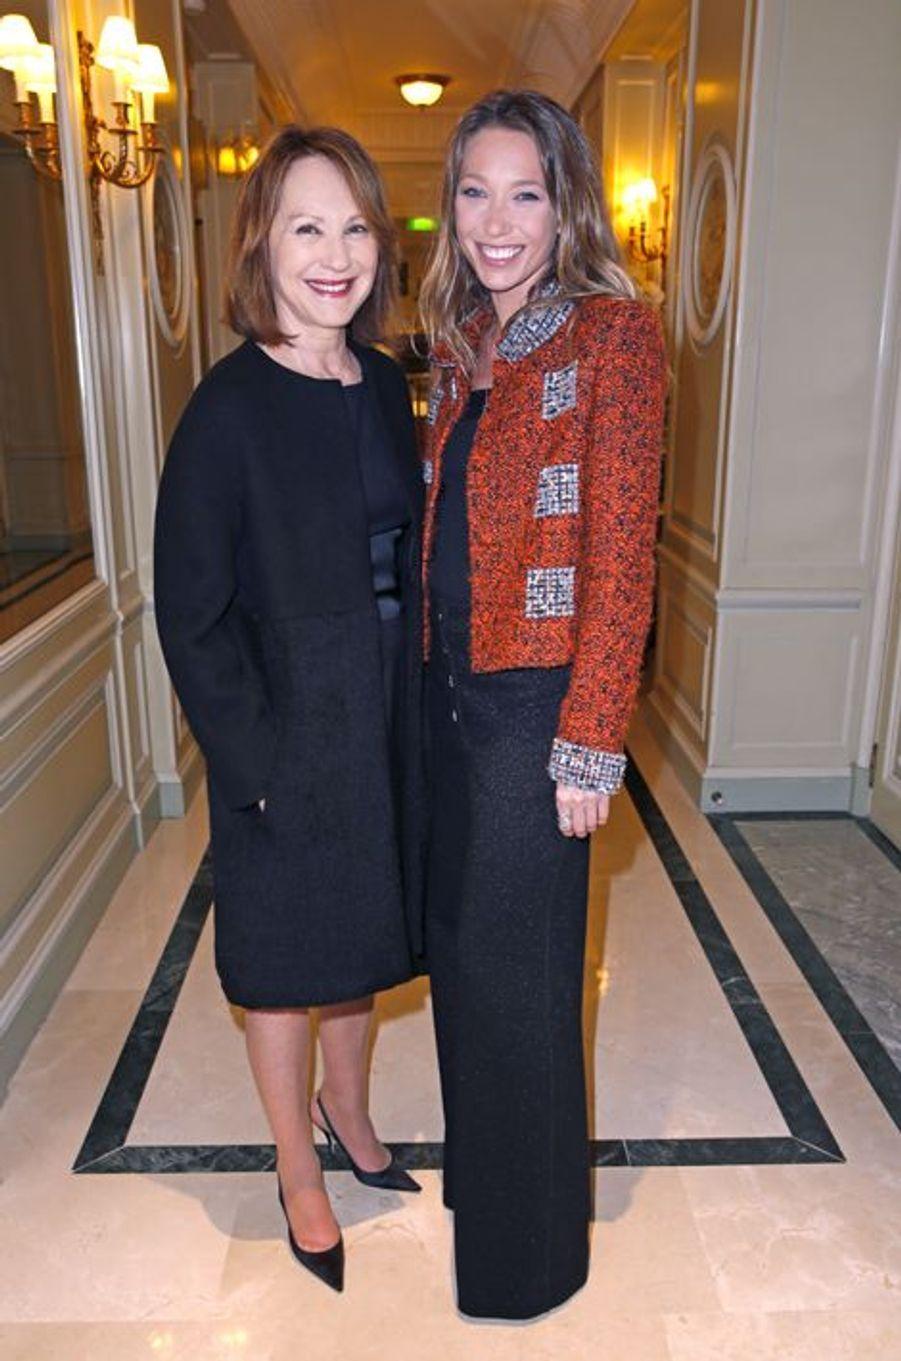 Soirée Révélations des César 2015 dans les salons de Chaumet. Nathalie et Laura y sont présentes, le 12 janvier 2015